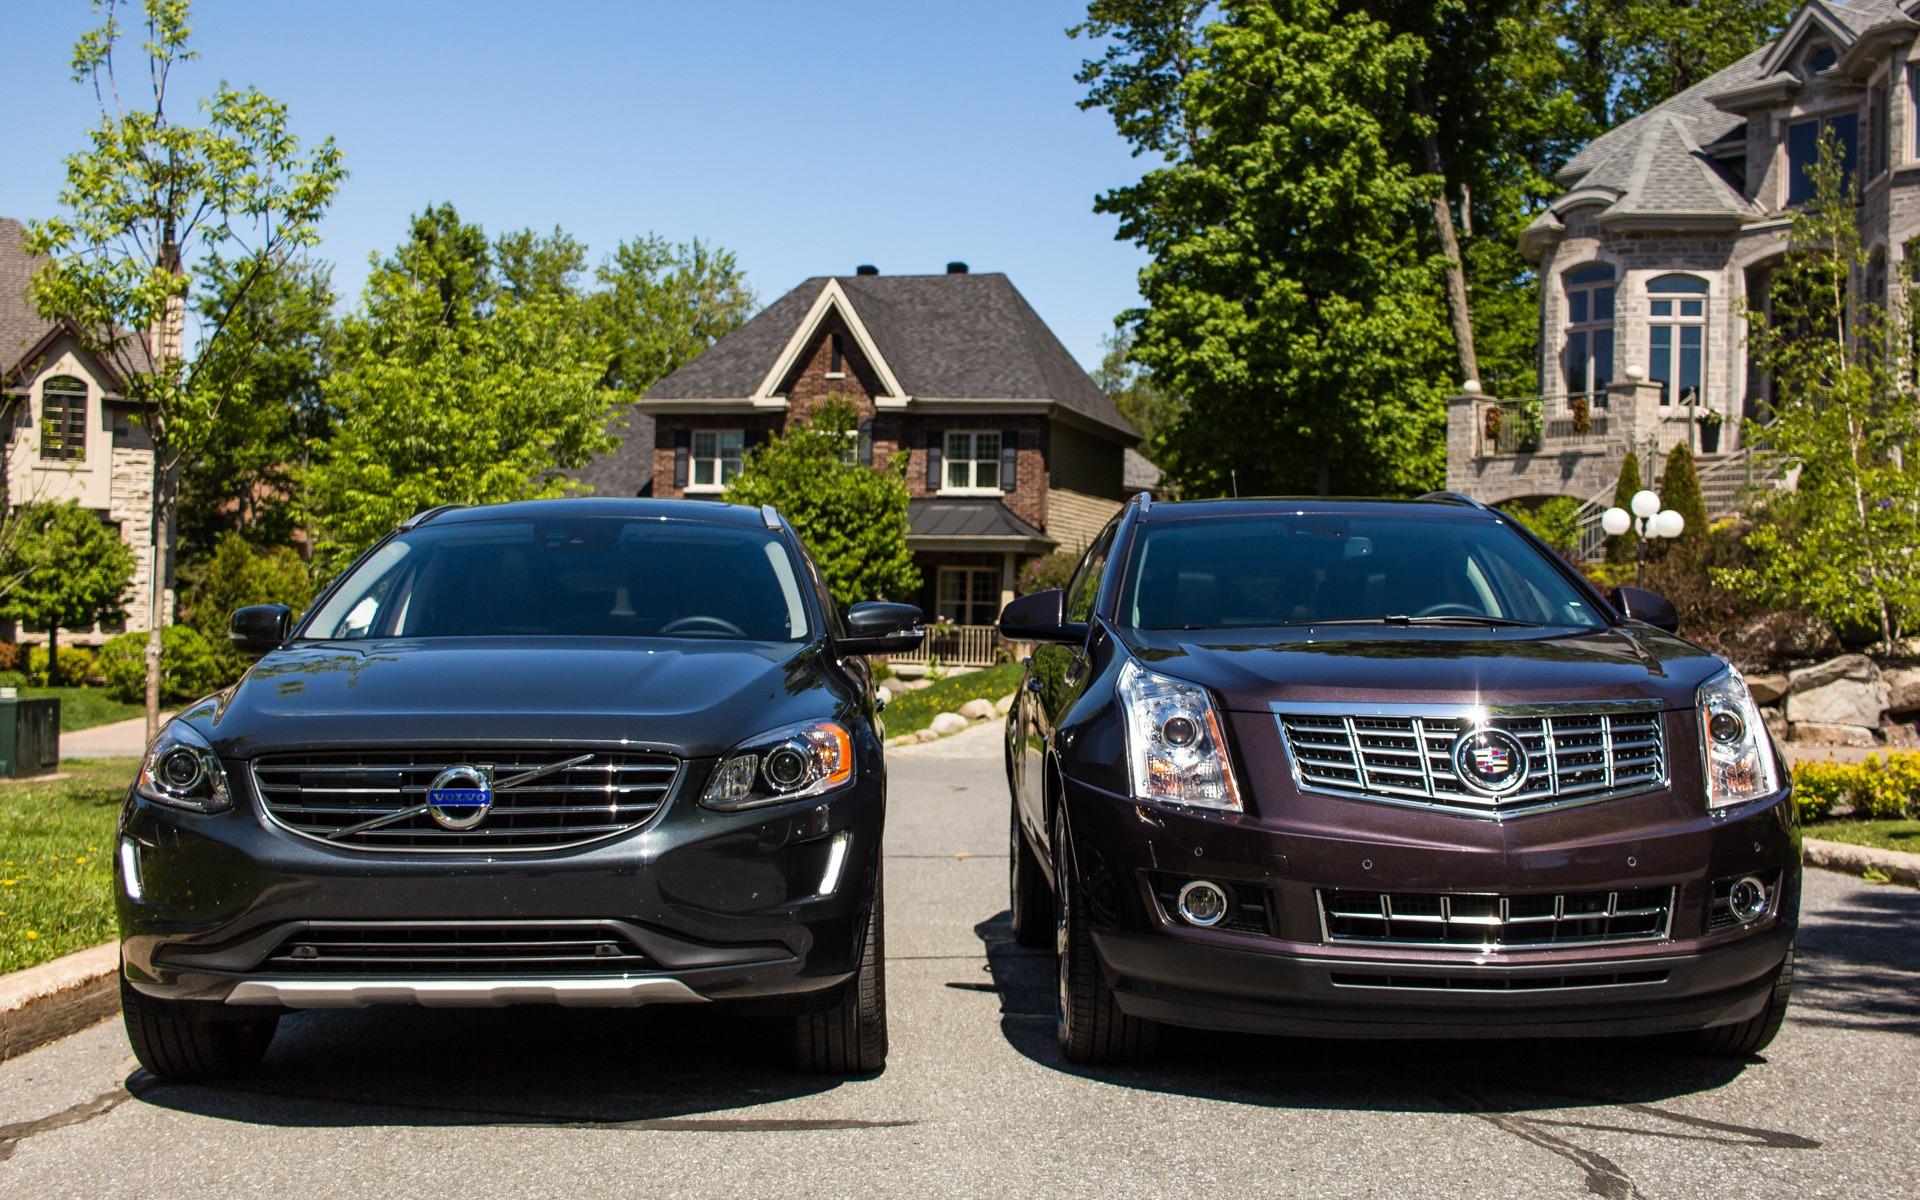 Volvo XC60 VS Cadillac SRX